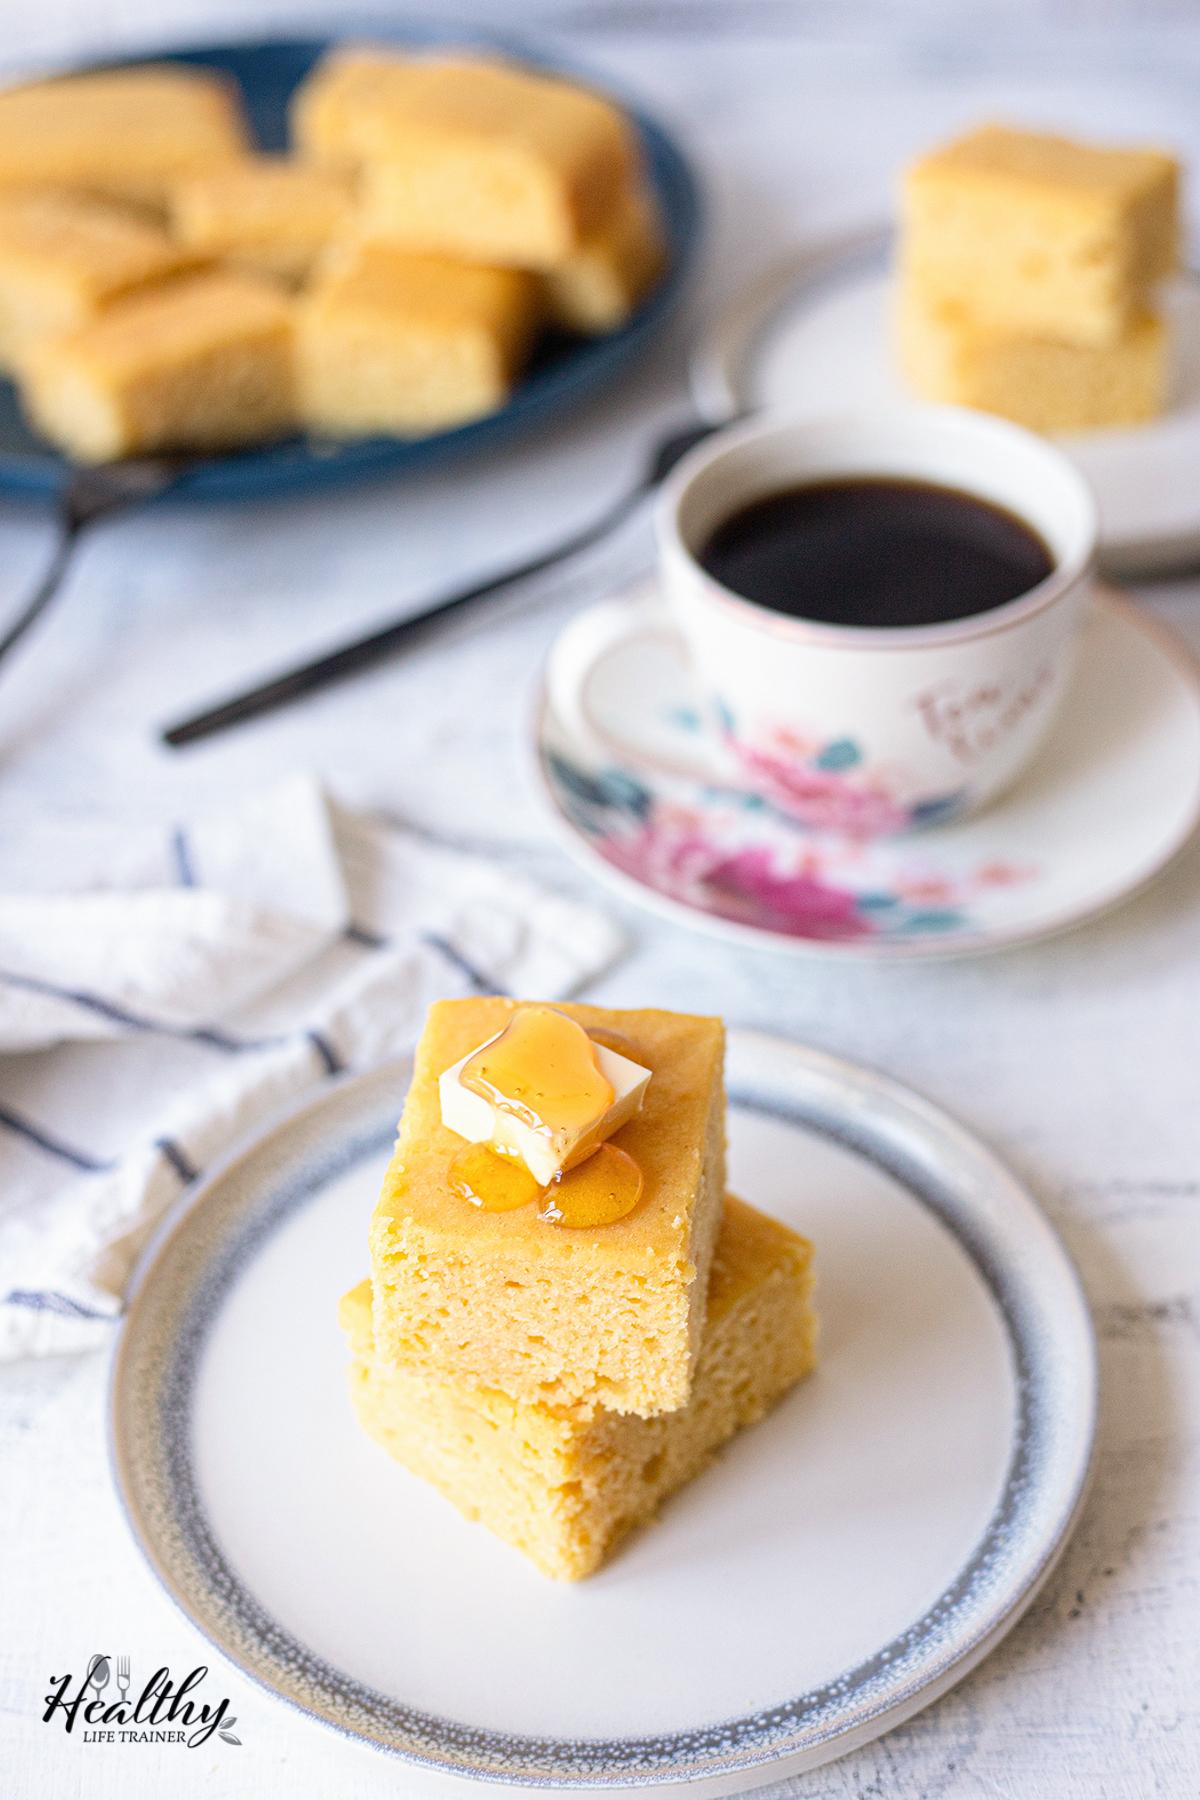 Cornbread, honey, butter and tea